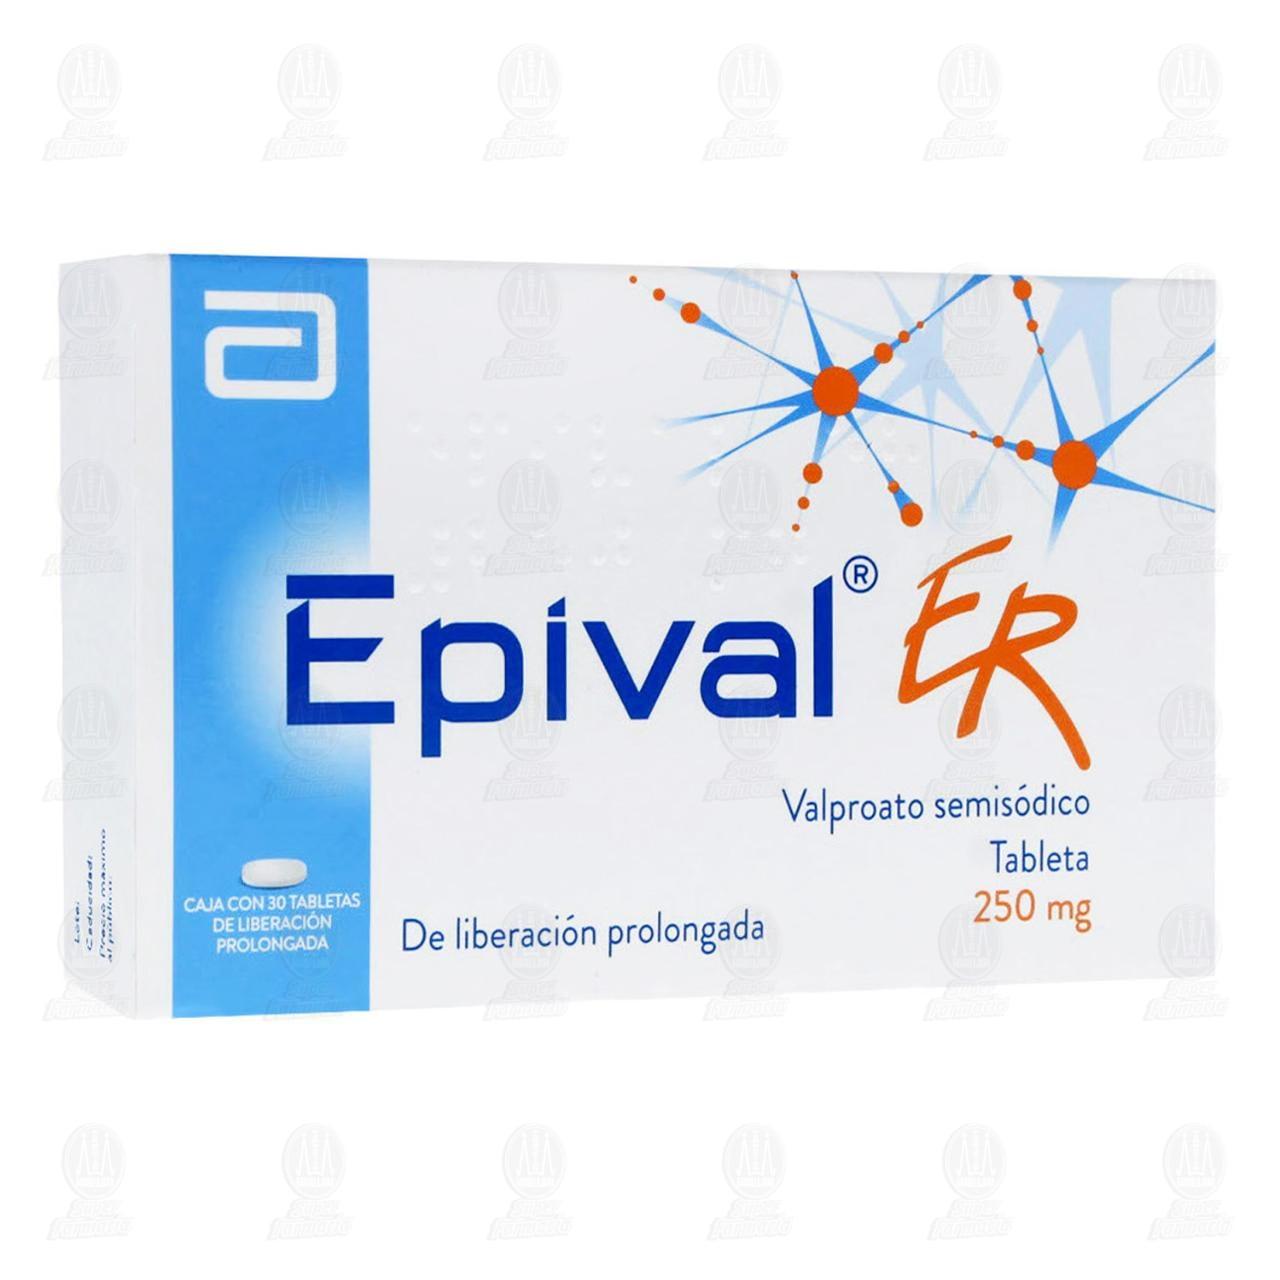 Comprar Epival ER 250mg 30 Tabletas en Farmacias Guadalajara